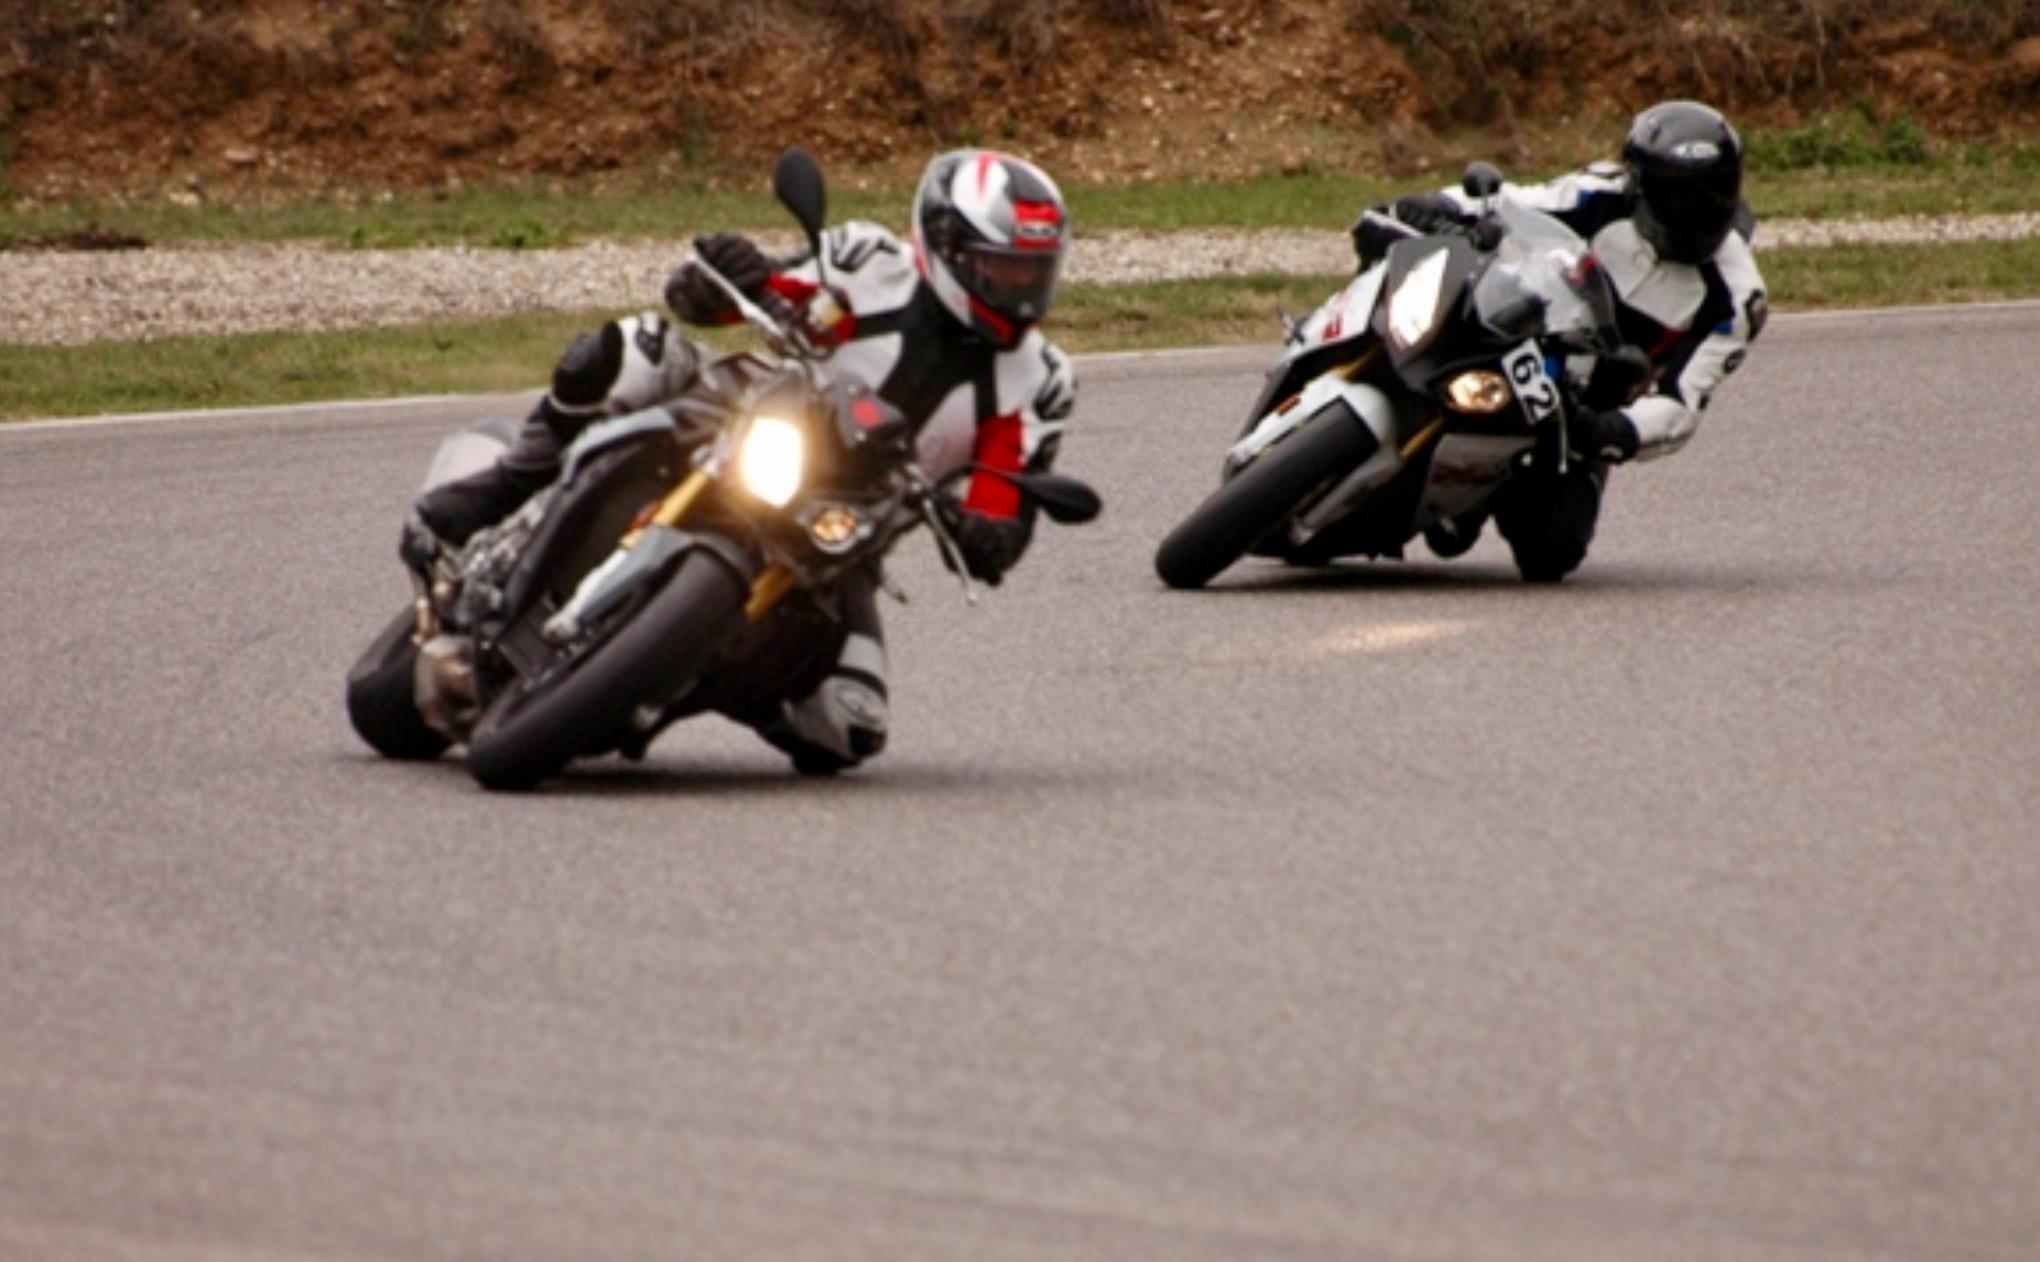 Motorrad Rennstrecken Training Konrad Bechter